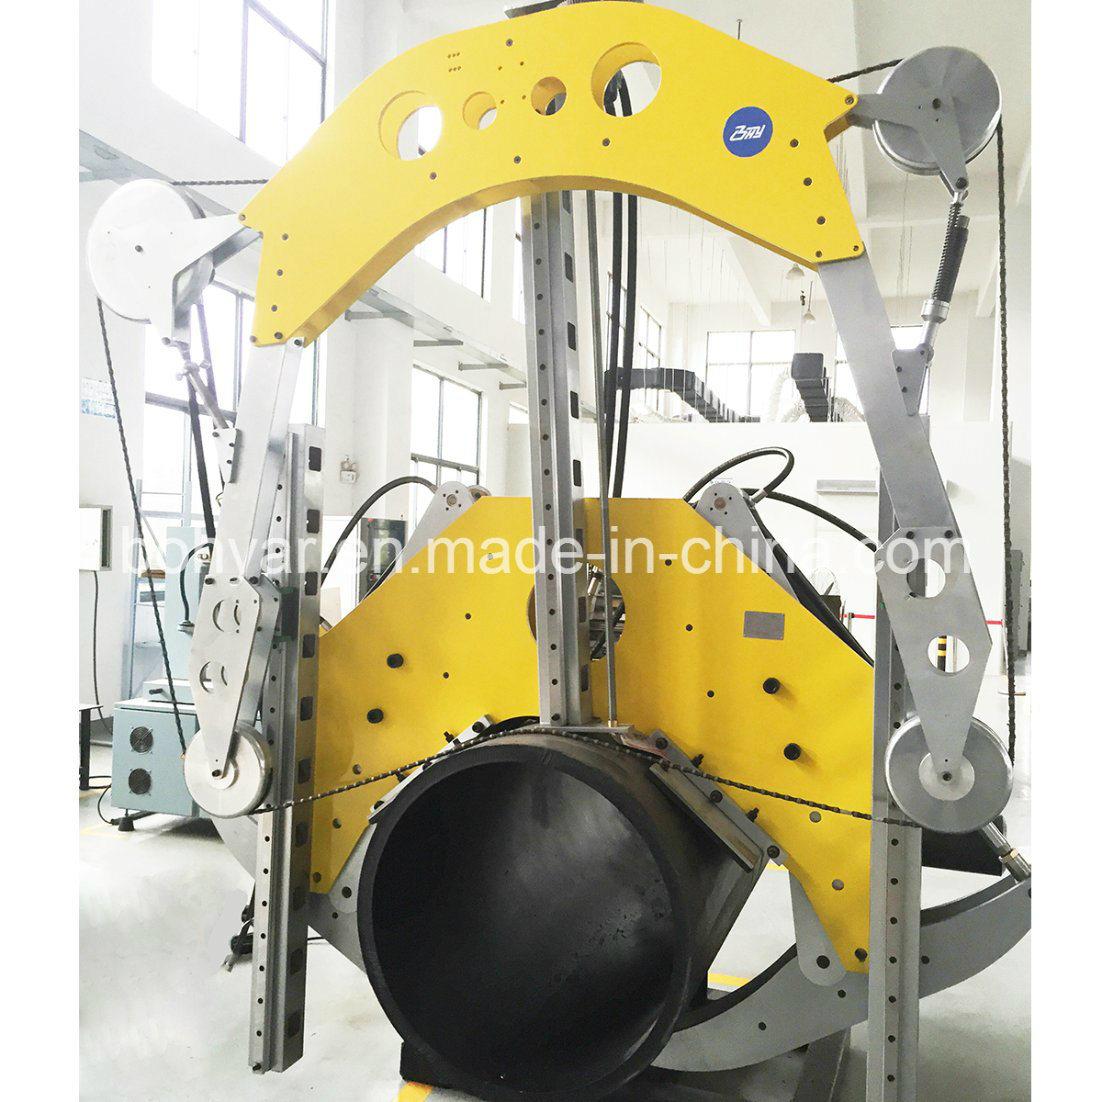 Hydraulic Diamond Wire Saw/Pipe Cutting Machine (DWS0416)